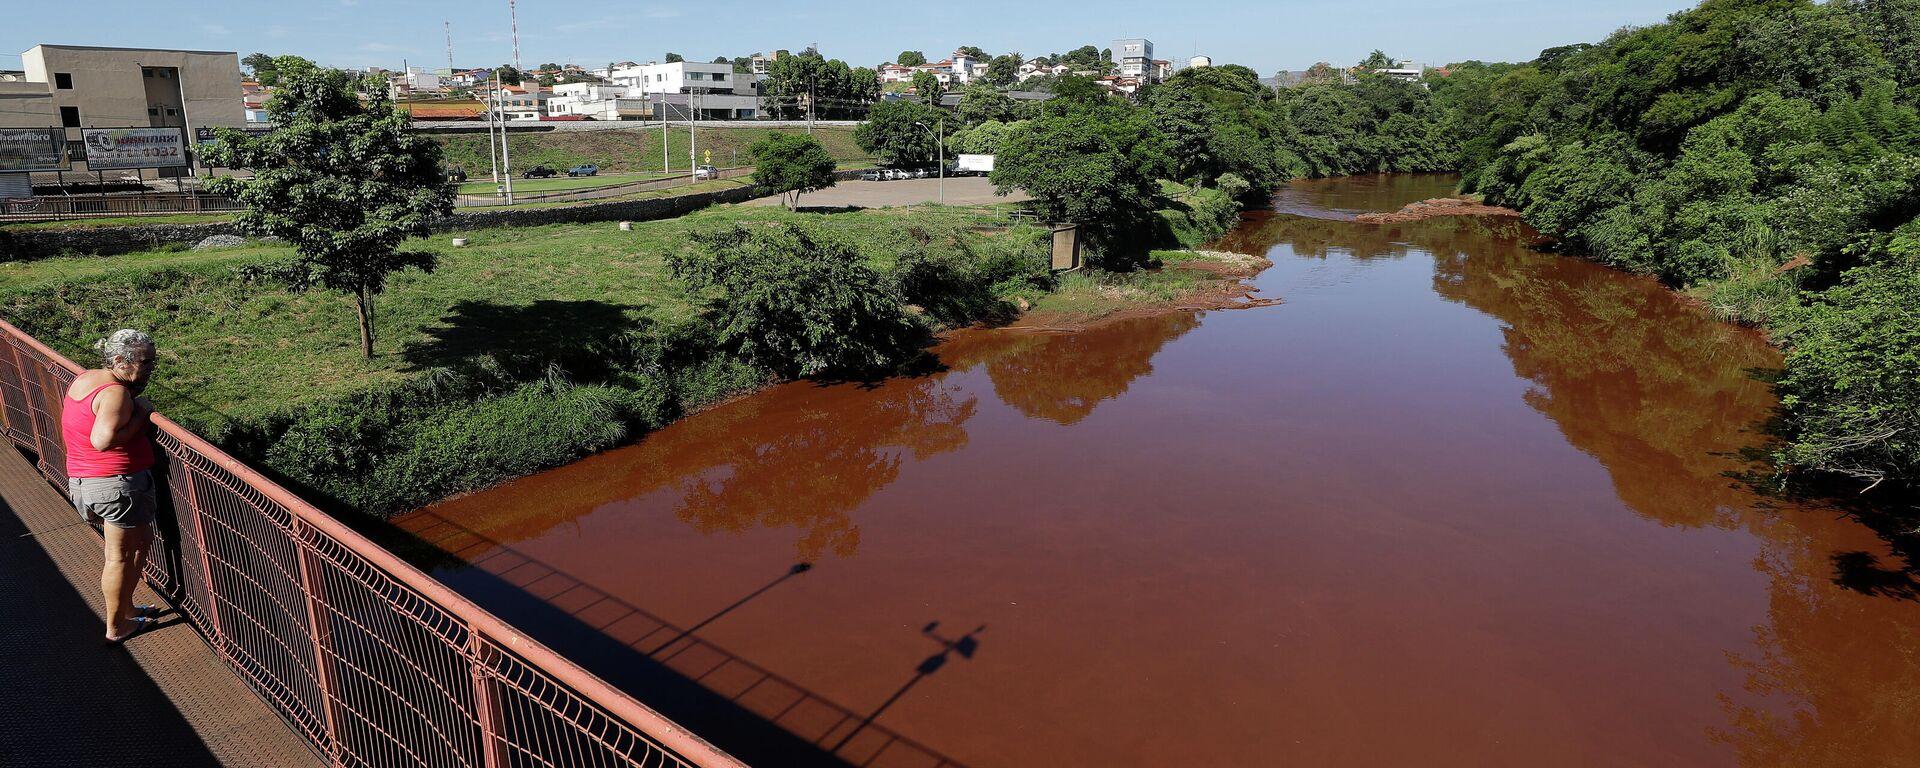 La contaminación del río Paraopeba - Sputnik Mundo, 1920, 26.02.2021